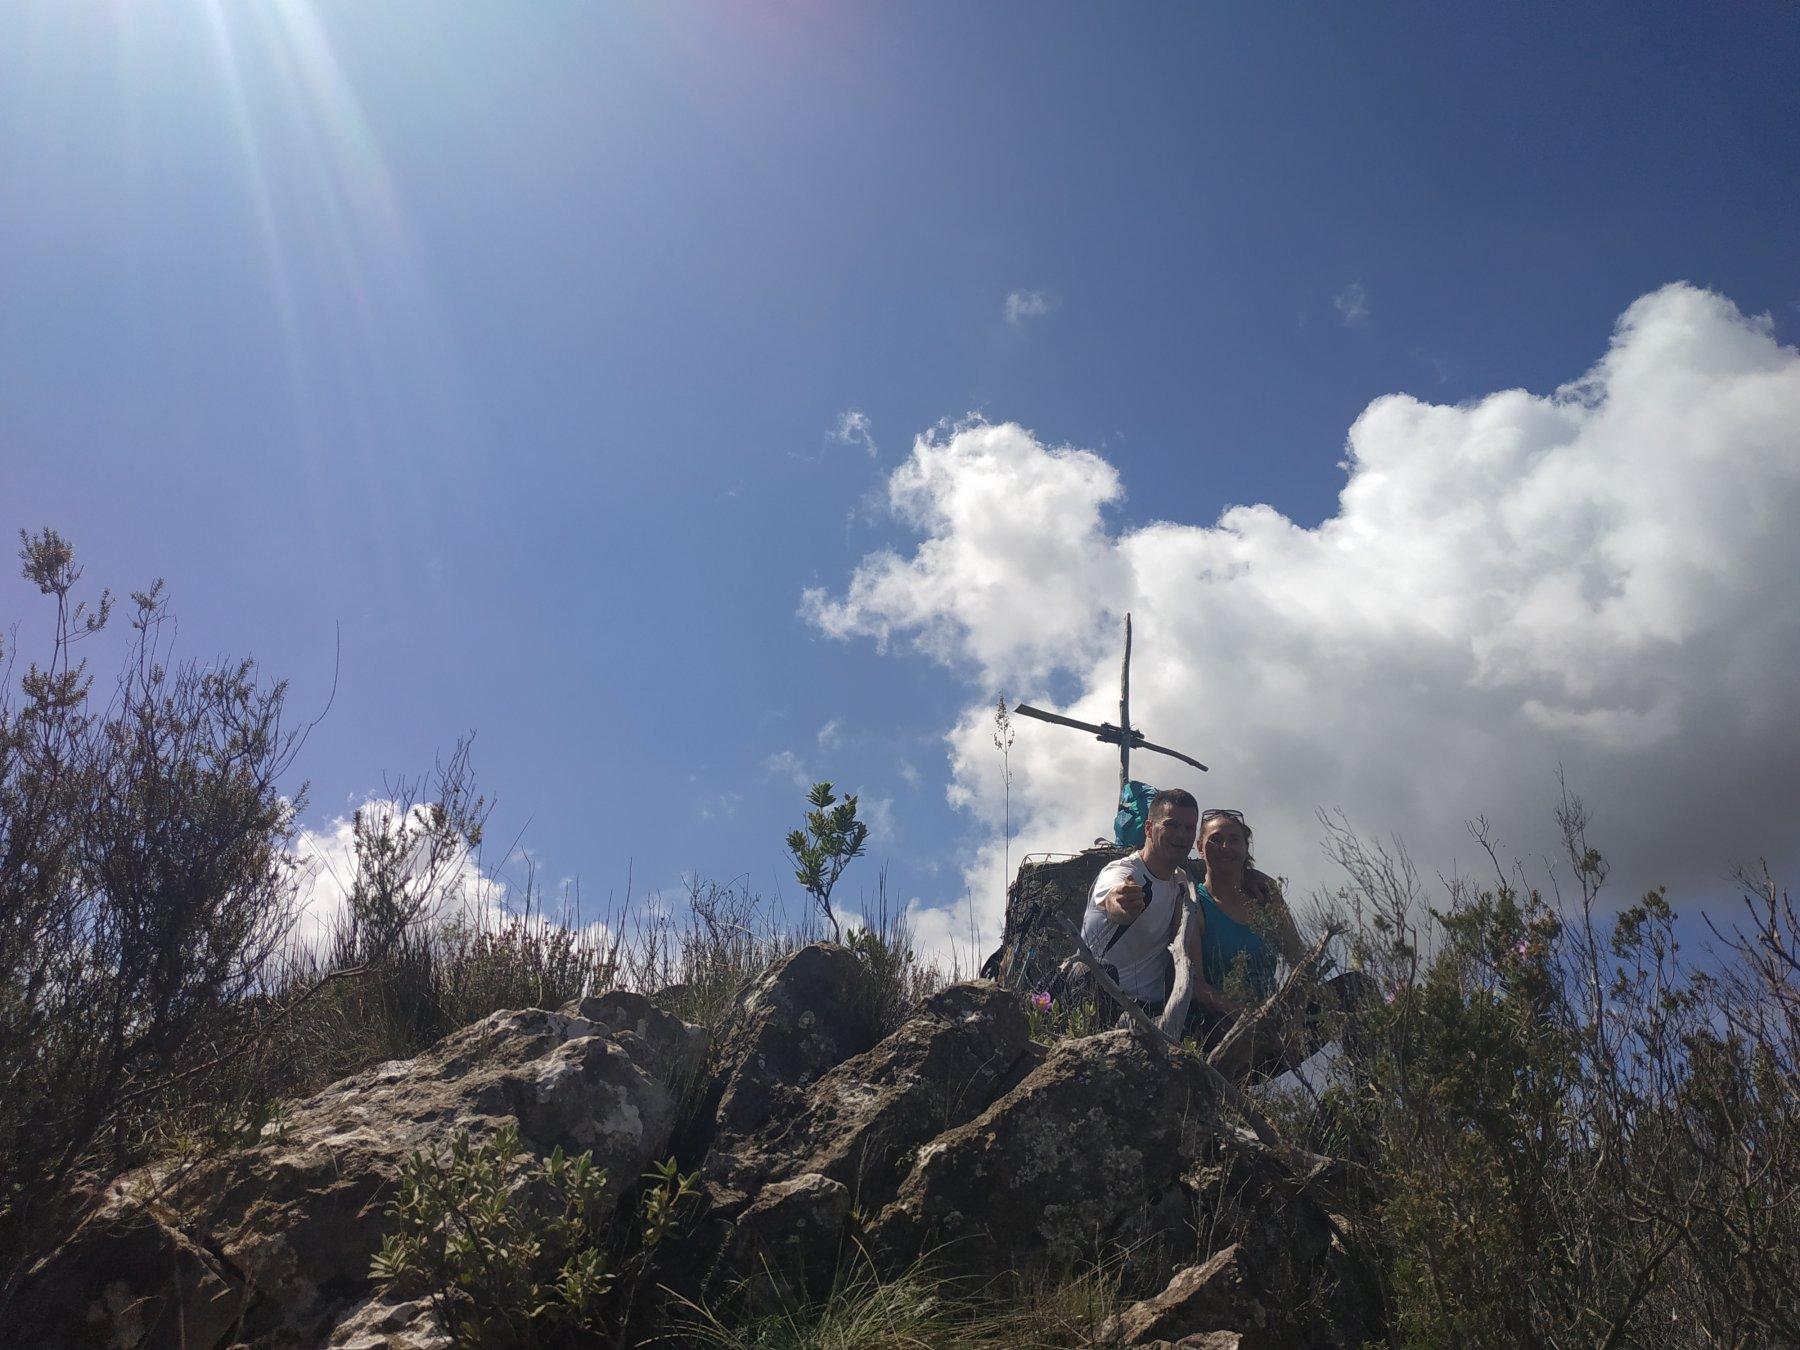 La puntina innominata nei perssi del Passo della Croce.